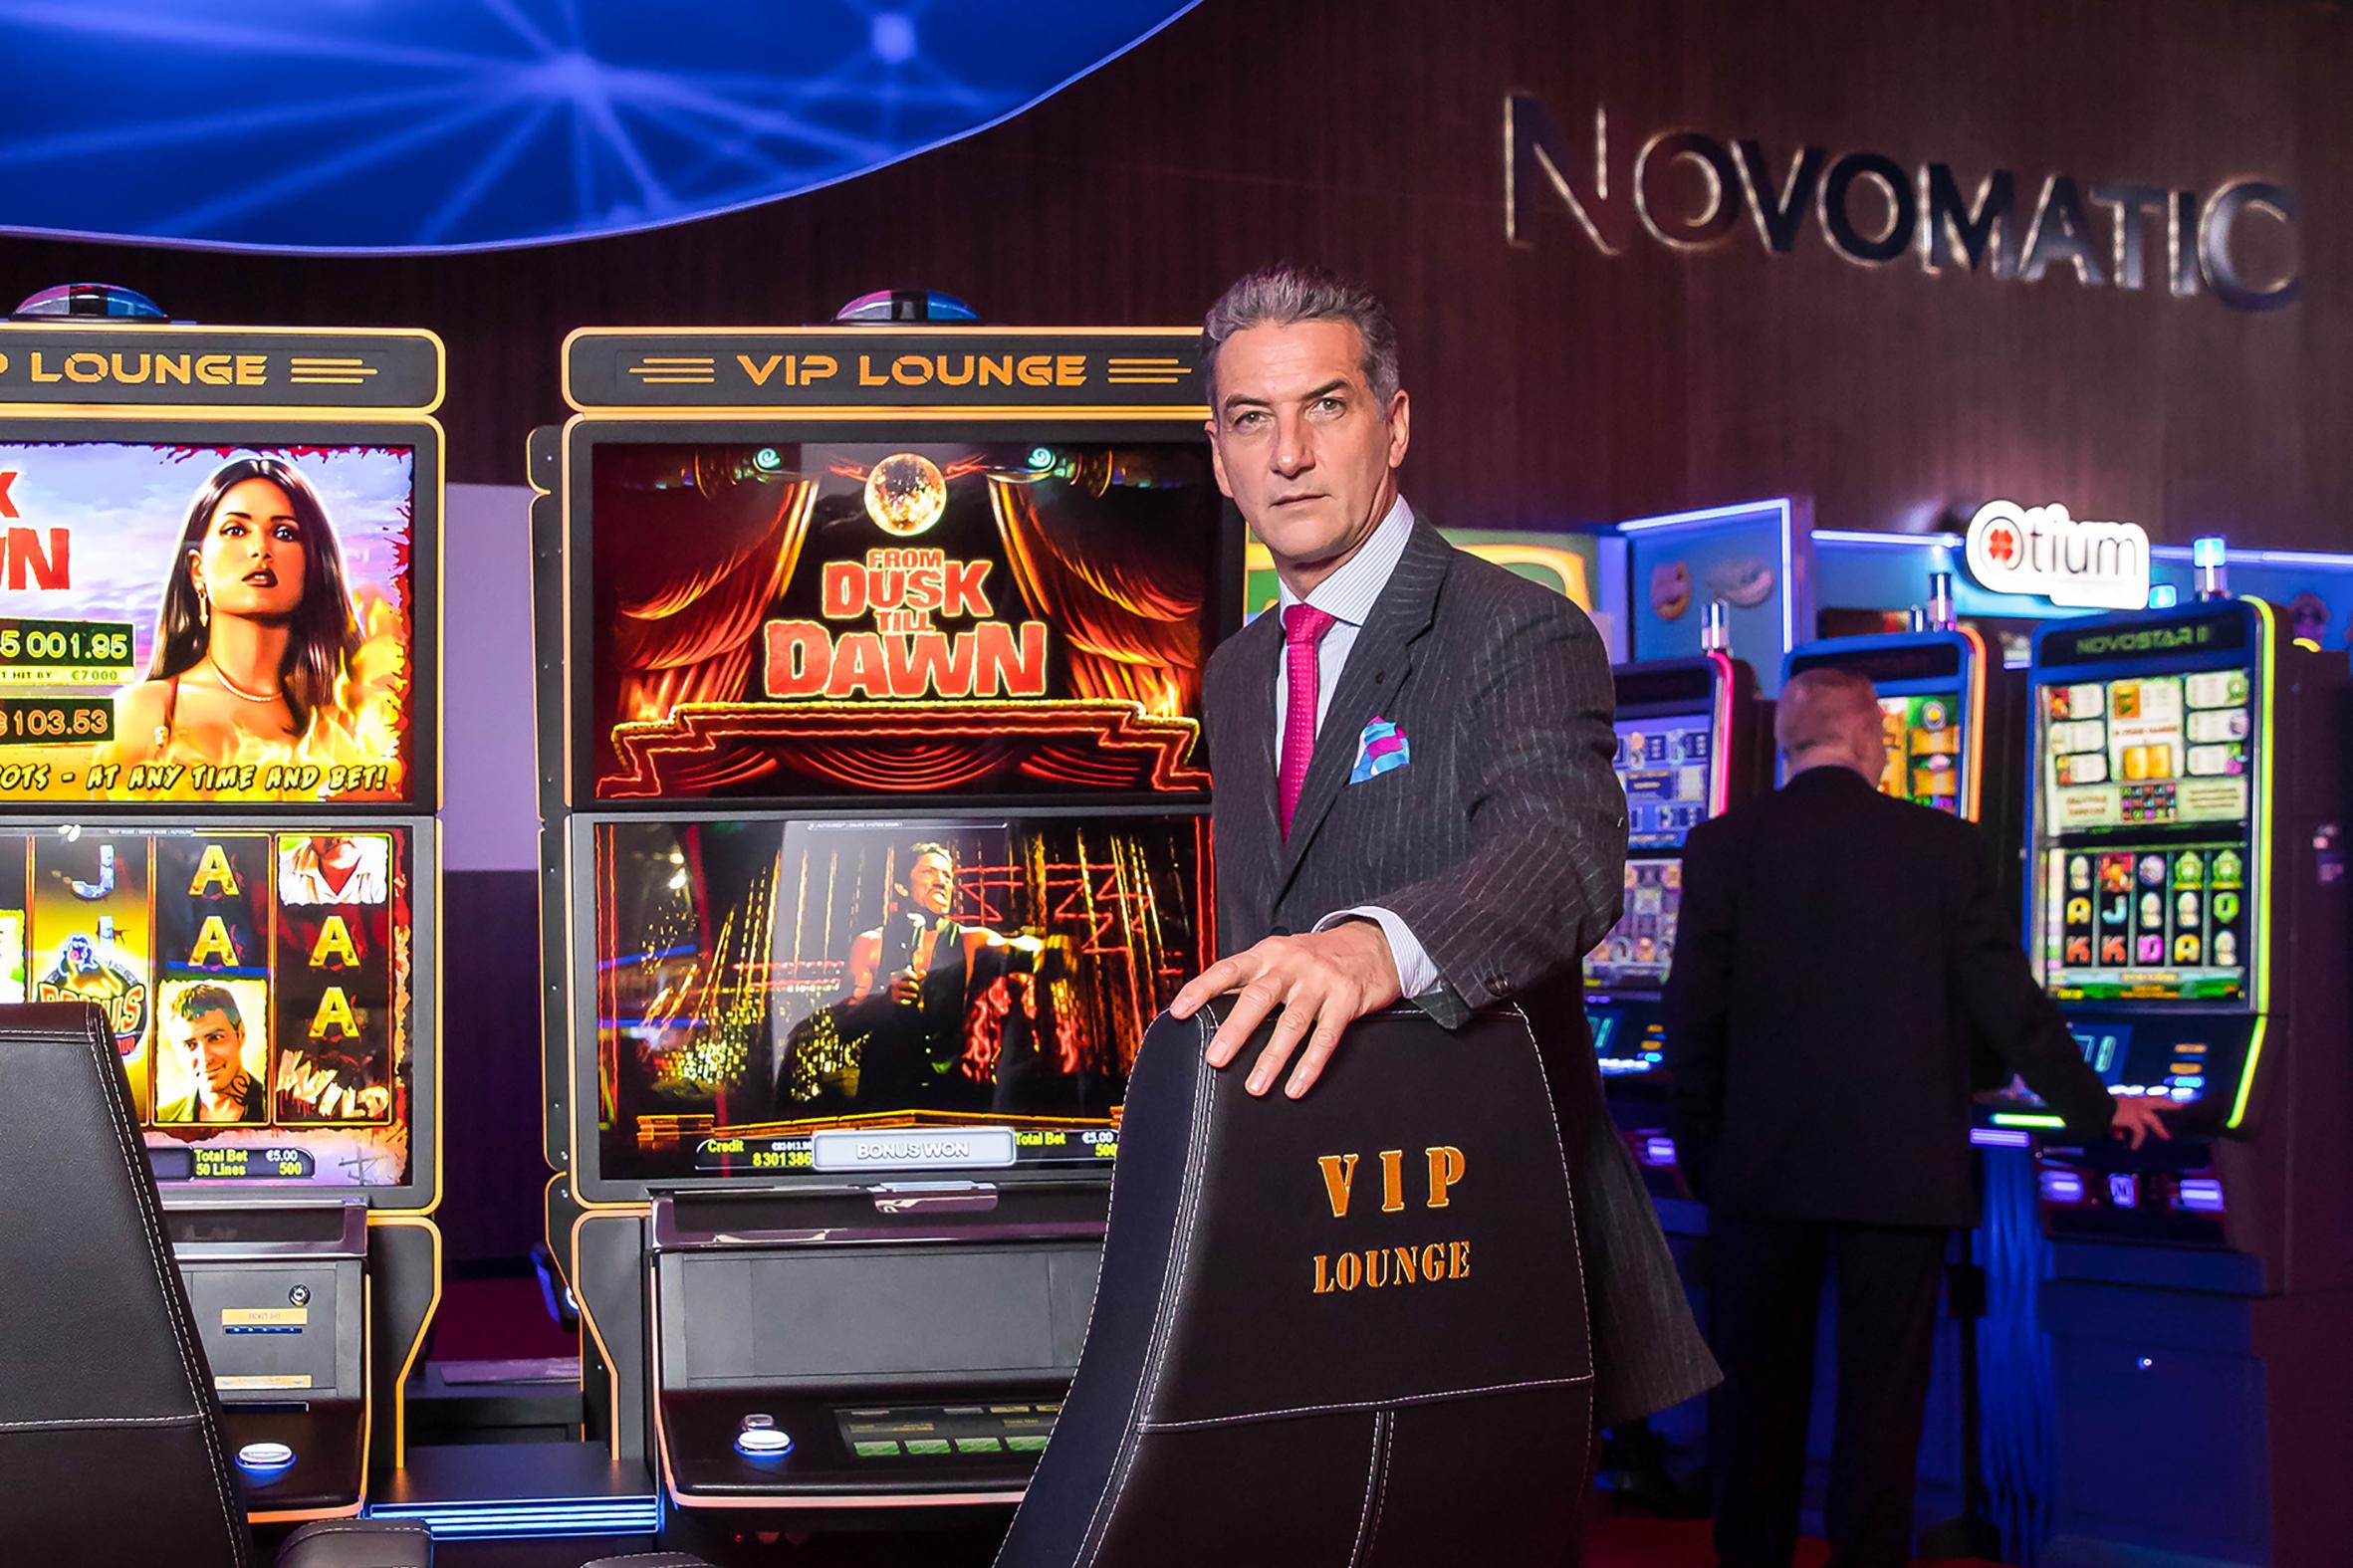 Игровые автоматы гейминаторы играть бесплатно и без регистрации